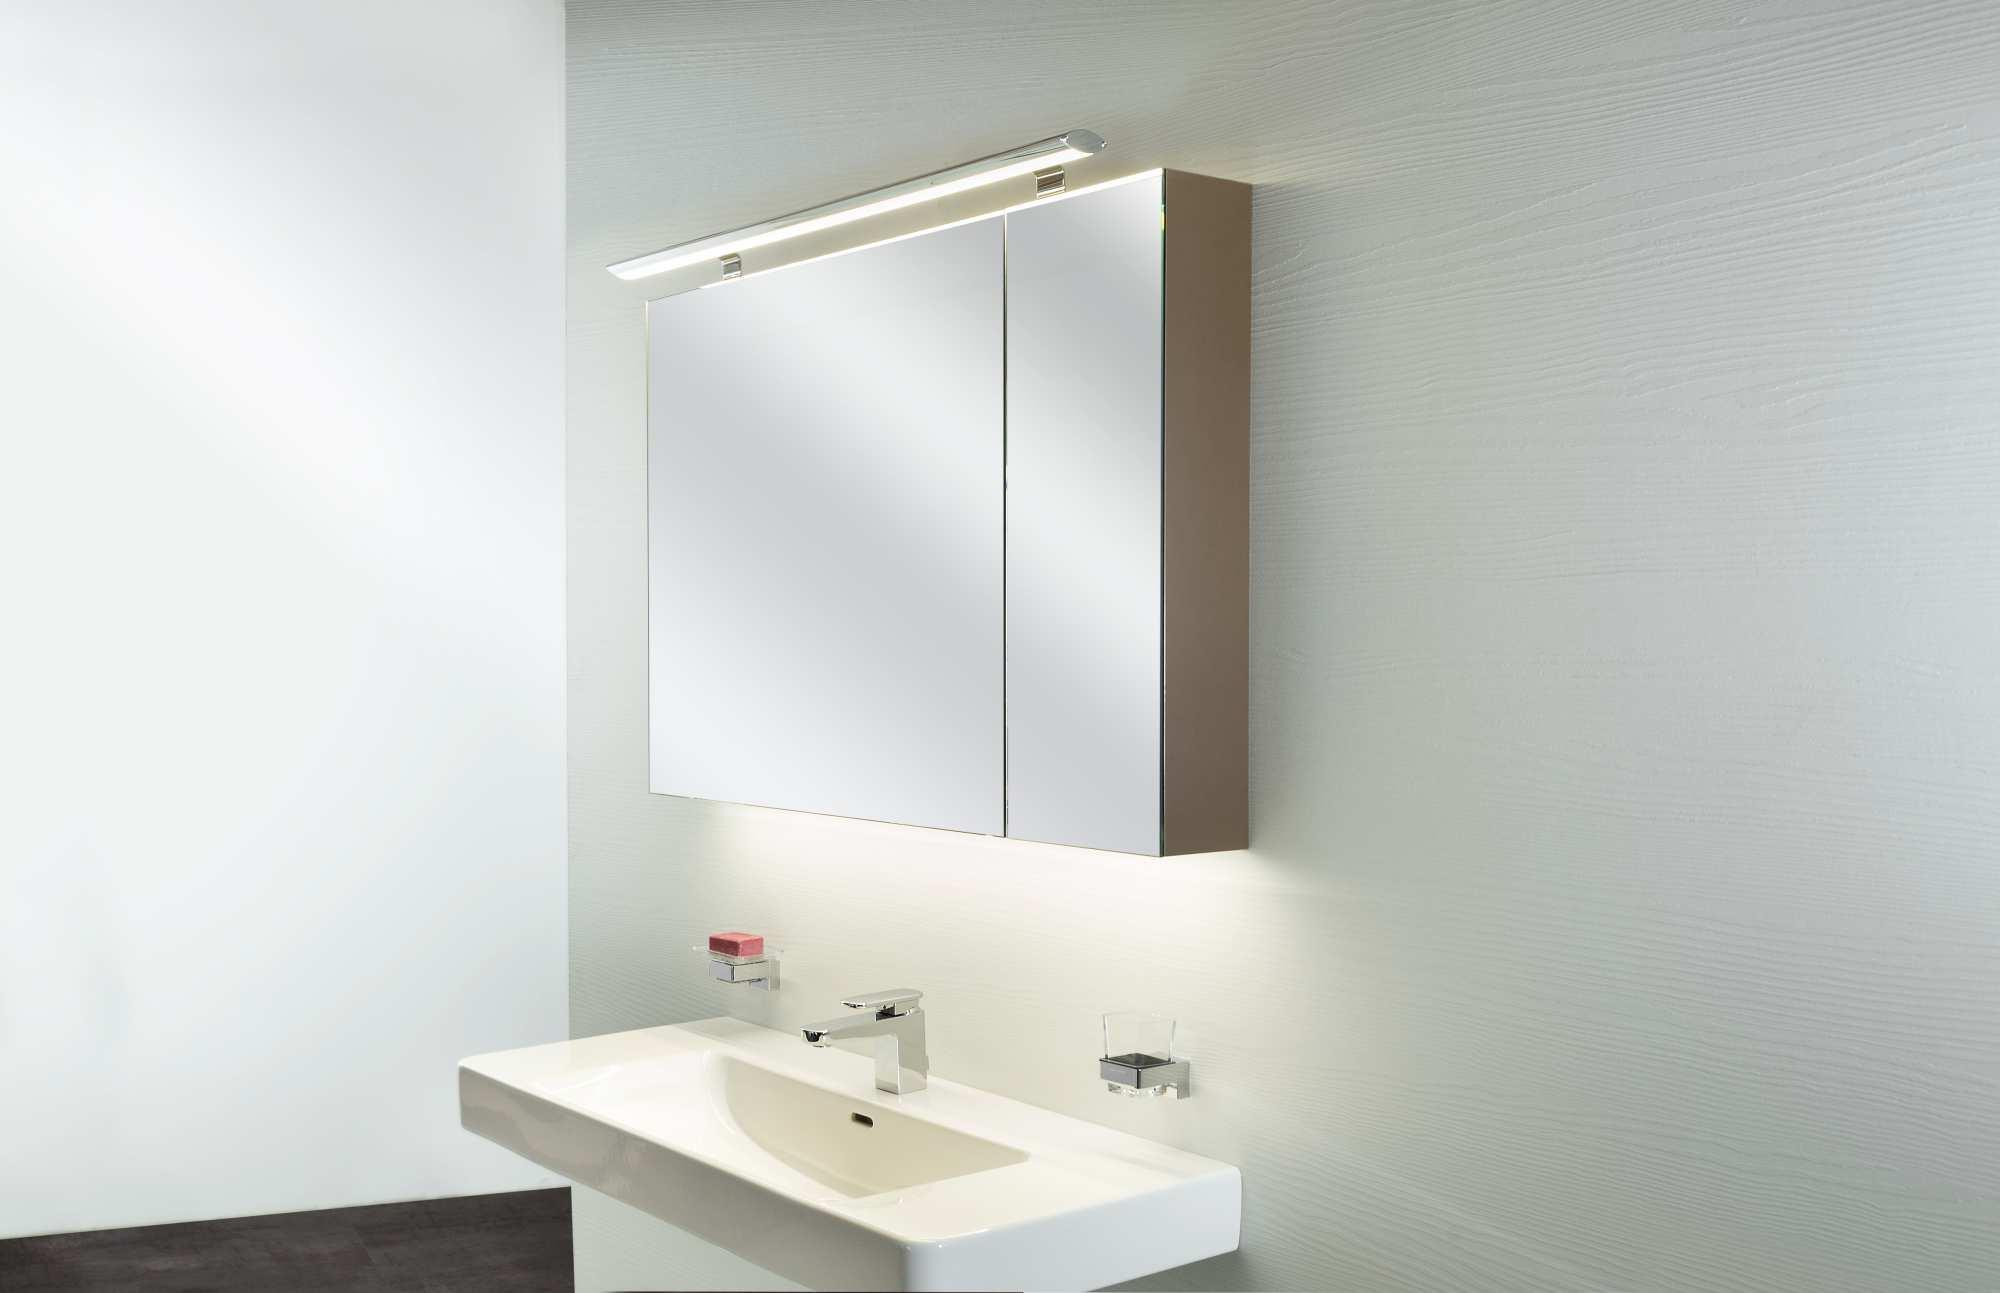 spiegelschr nke aura badm bel von froidevaux f r ihr bad. Black Bedroom Furniture Sets. Home Design Ideas